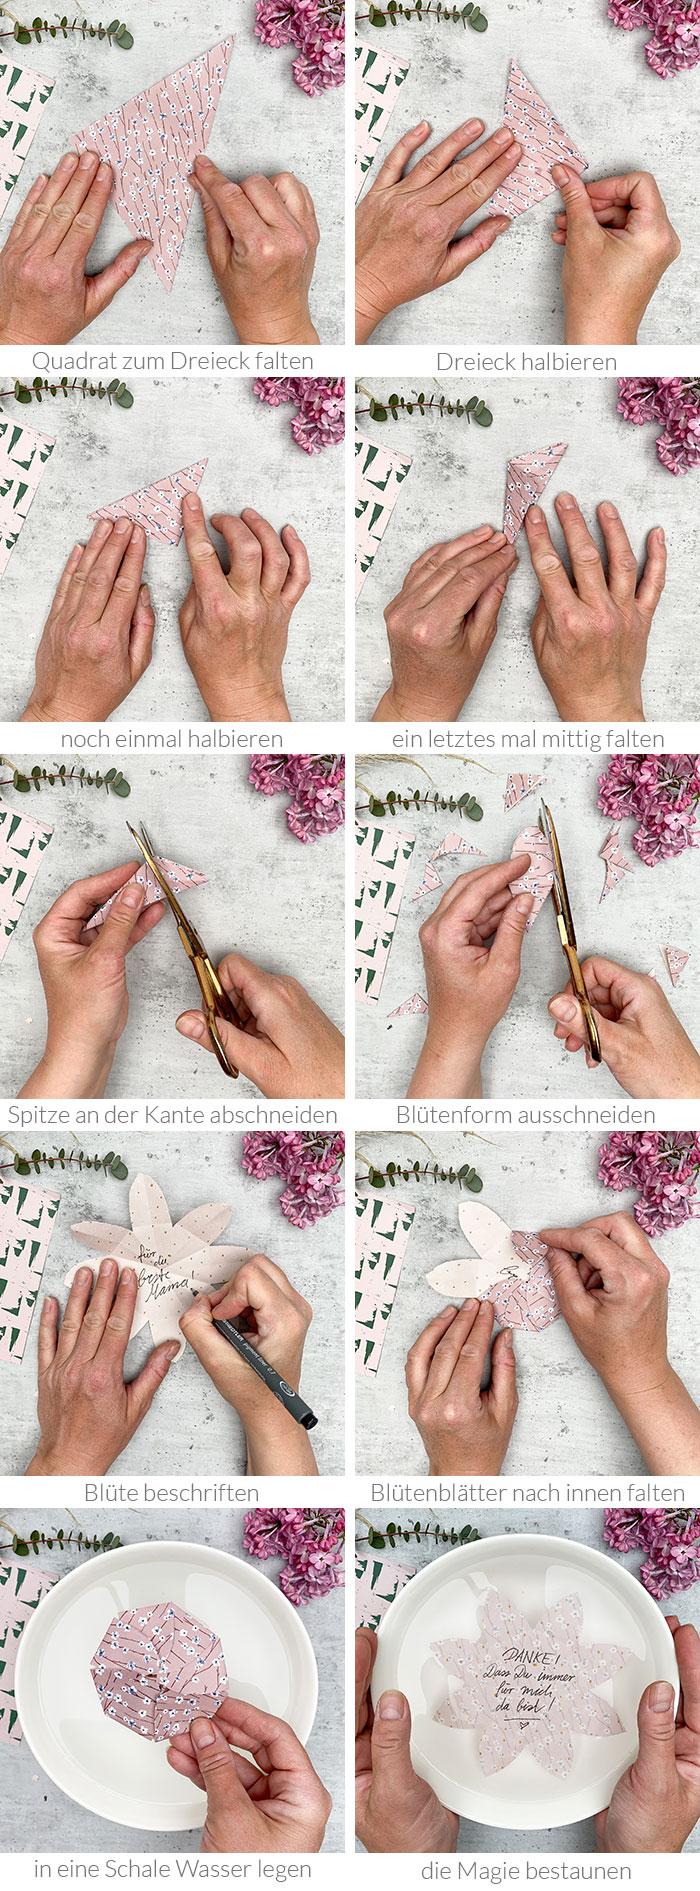 Blumen zum Muttertag sind ja ein Klassiker. Aber eine DIY-Wunderblume hat deine Mama bestimmt noch nie bekommen! Die Papierblüten sind superschnell gebastelt und mit einem persönlichen Gruß oder einem Dankeschön prima zum Verschenken oder Verschicken. Wird das Papier in eine Schale mit Wasser gelegt, entfaltet sich das kleine Wunder! Anleitung auf johannarundel.de